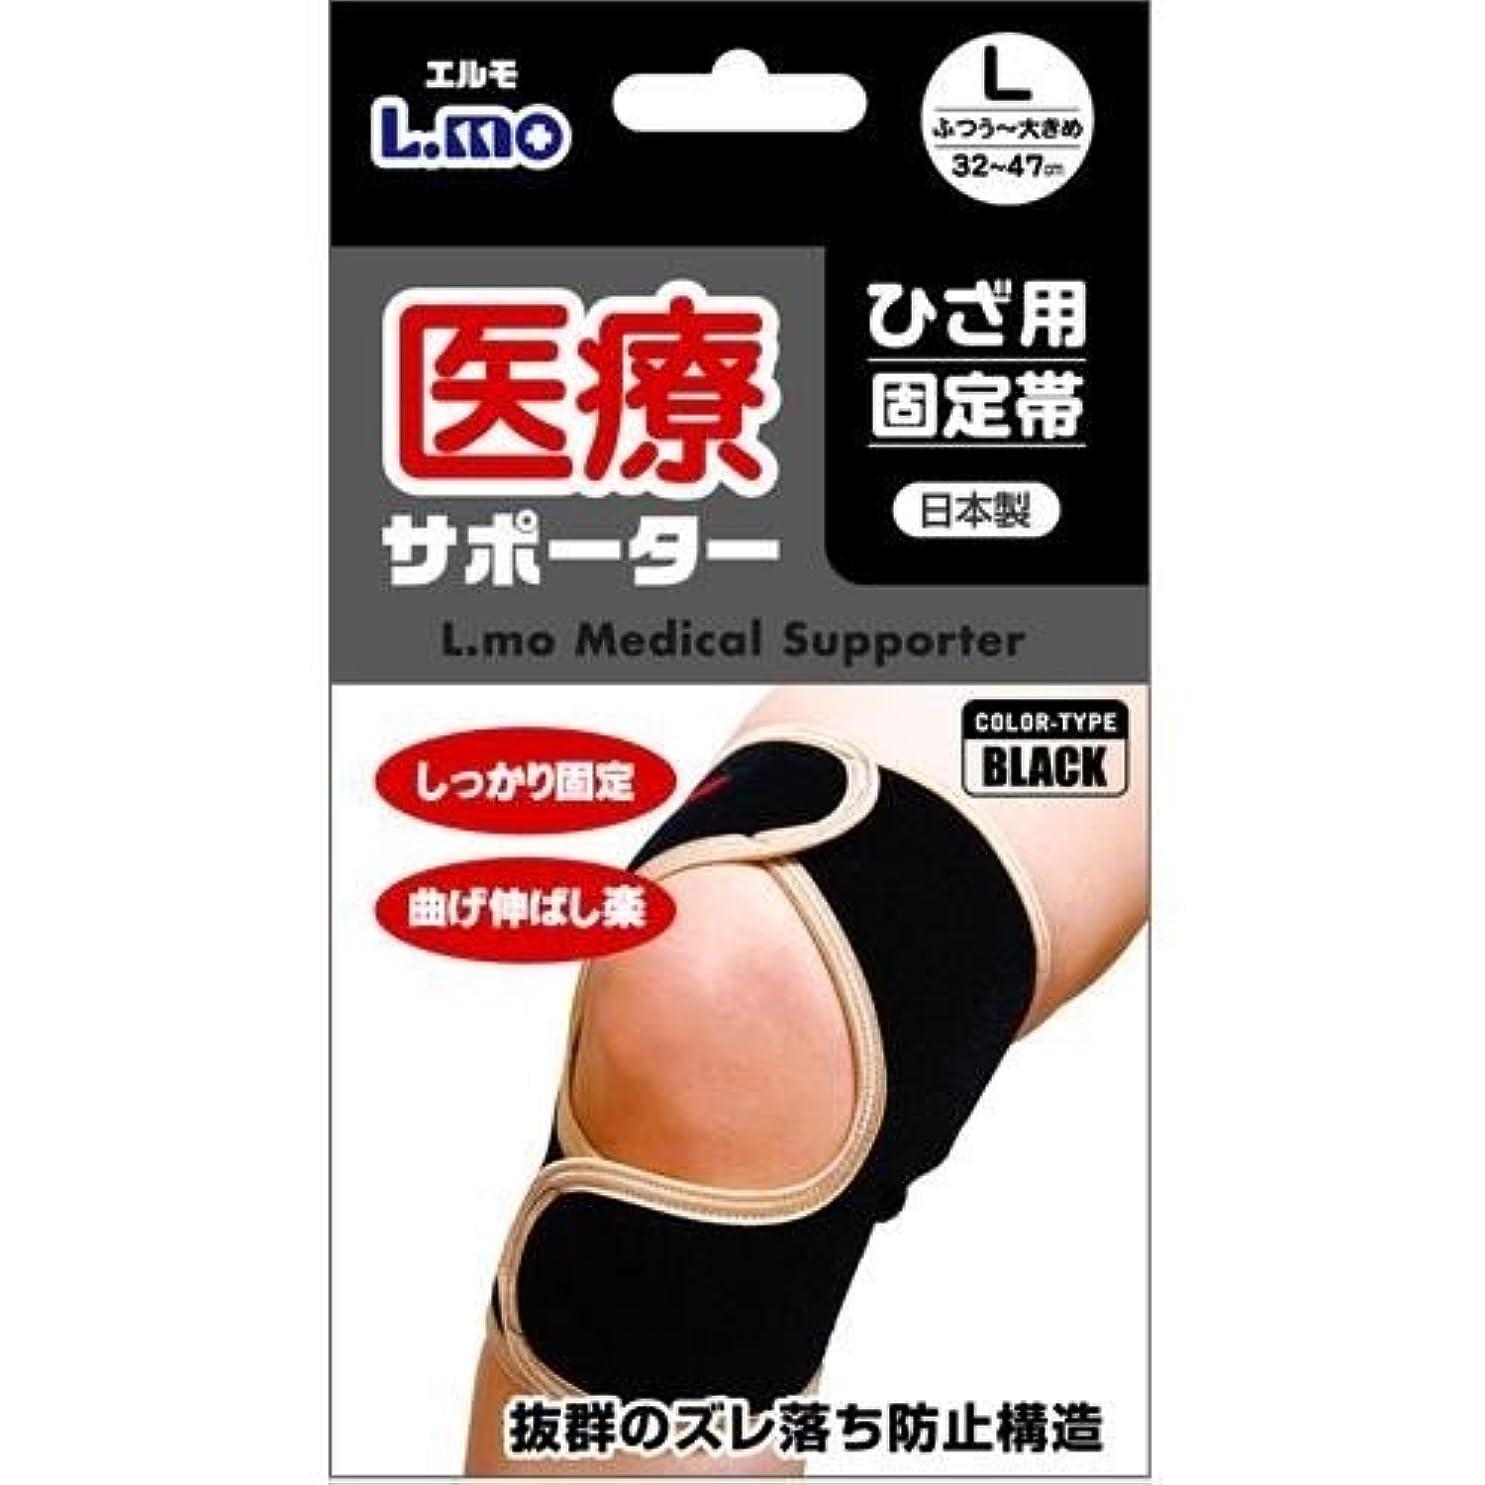 東部セグメント貢献するエルモ医療サポーター ひざ用固定帯 ブラック ■2種類の内「Lサイズ?786493」を1点のみです